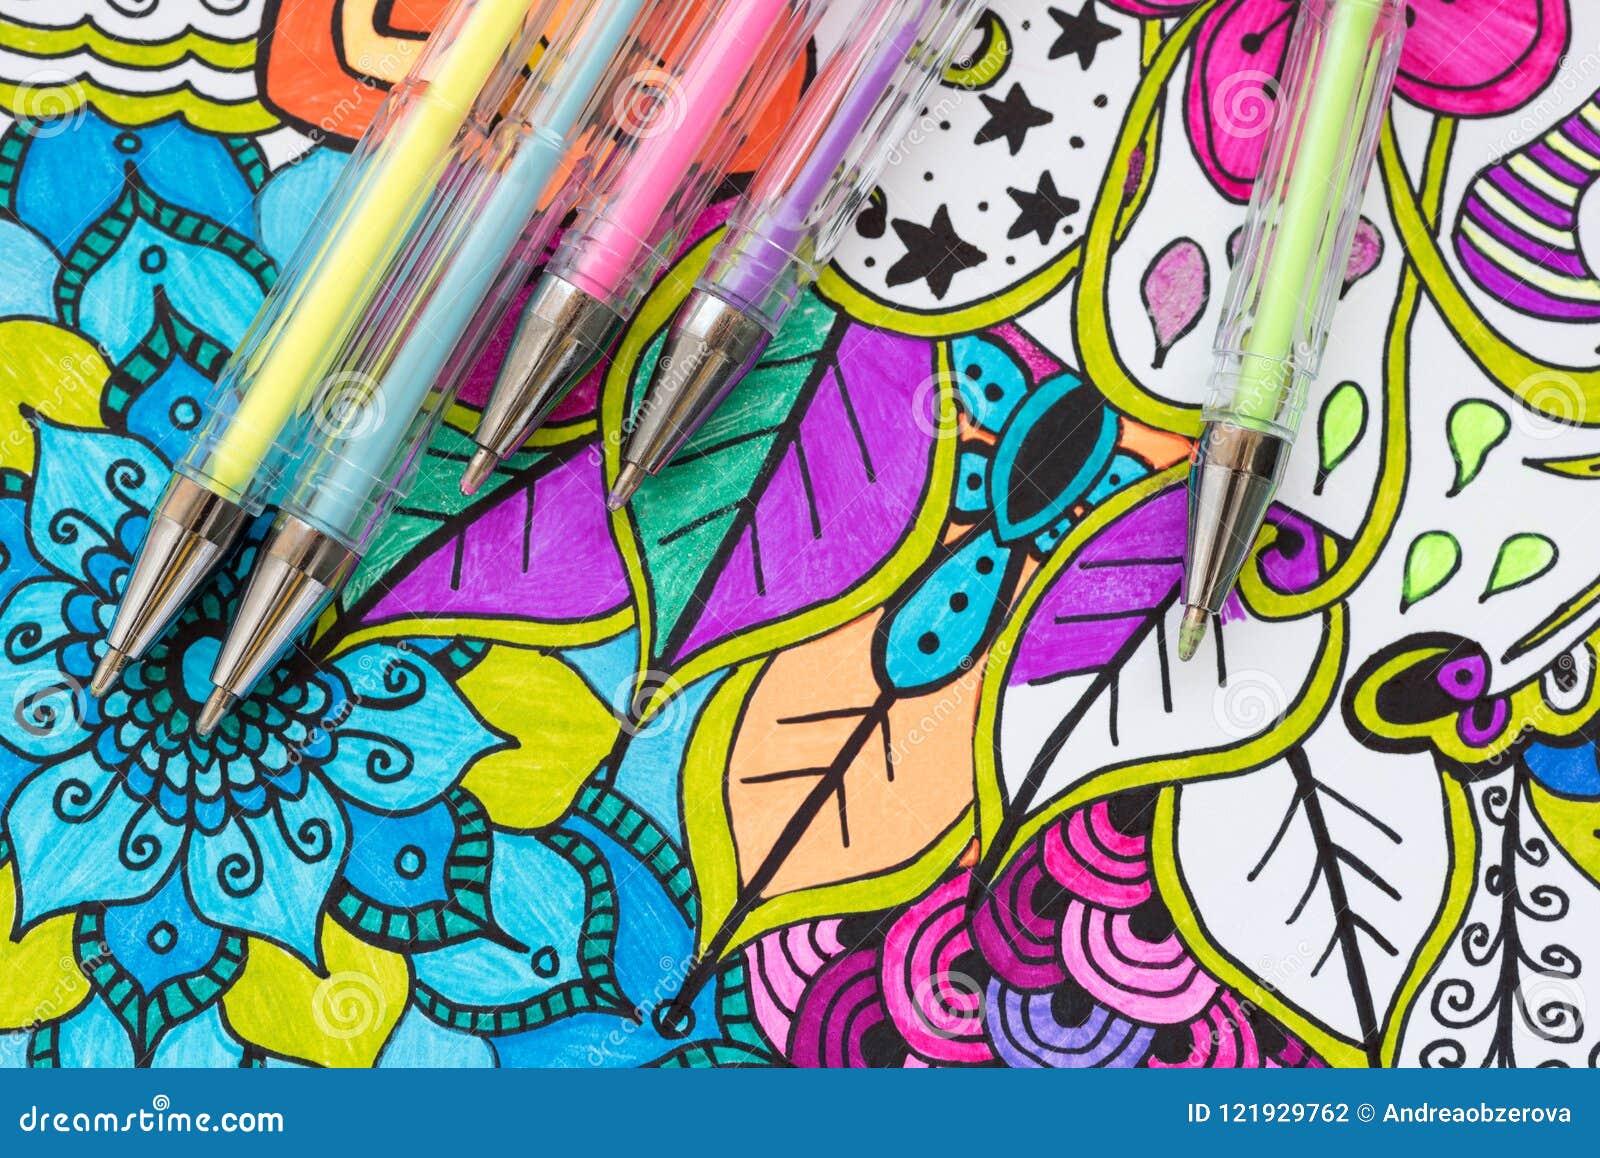 Θεραπεία τέχνης, πνευματικές υγείες, έννοια δημιουργικότητας και mindfulness Η ενήλικη χρωματίζοντας σελίδα με την κρητιδογραφία